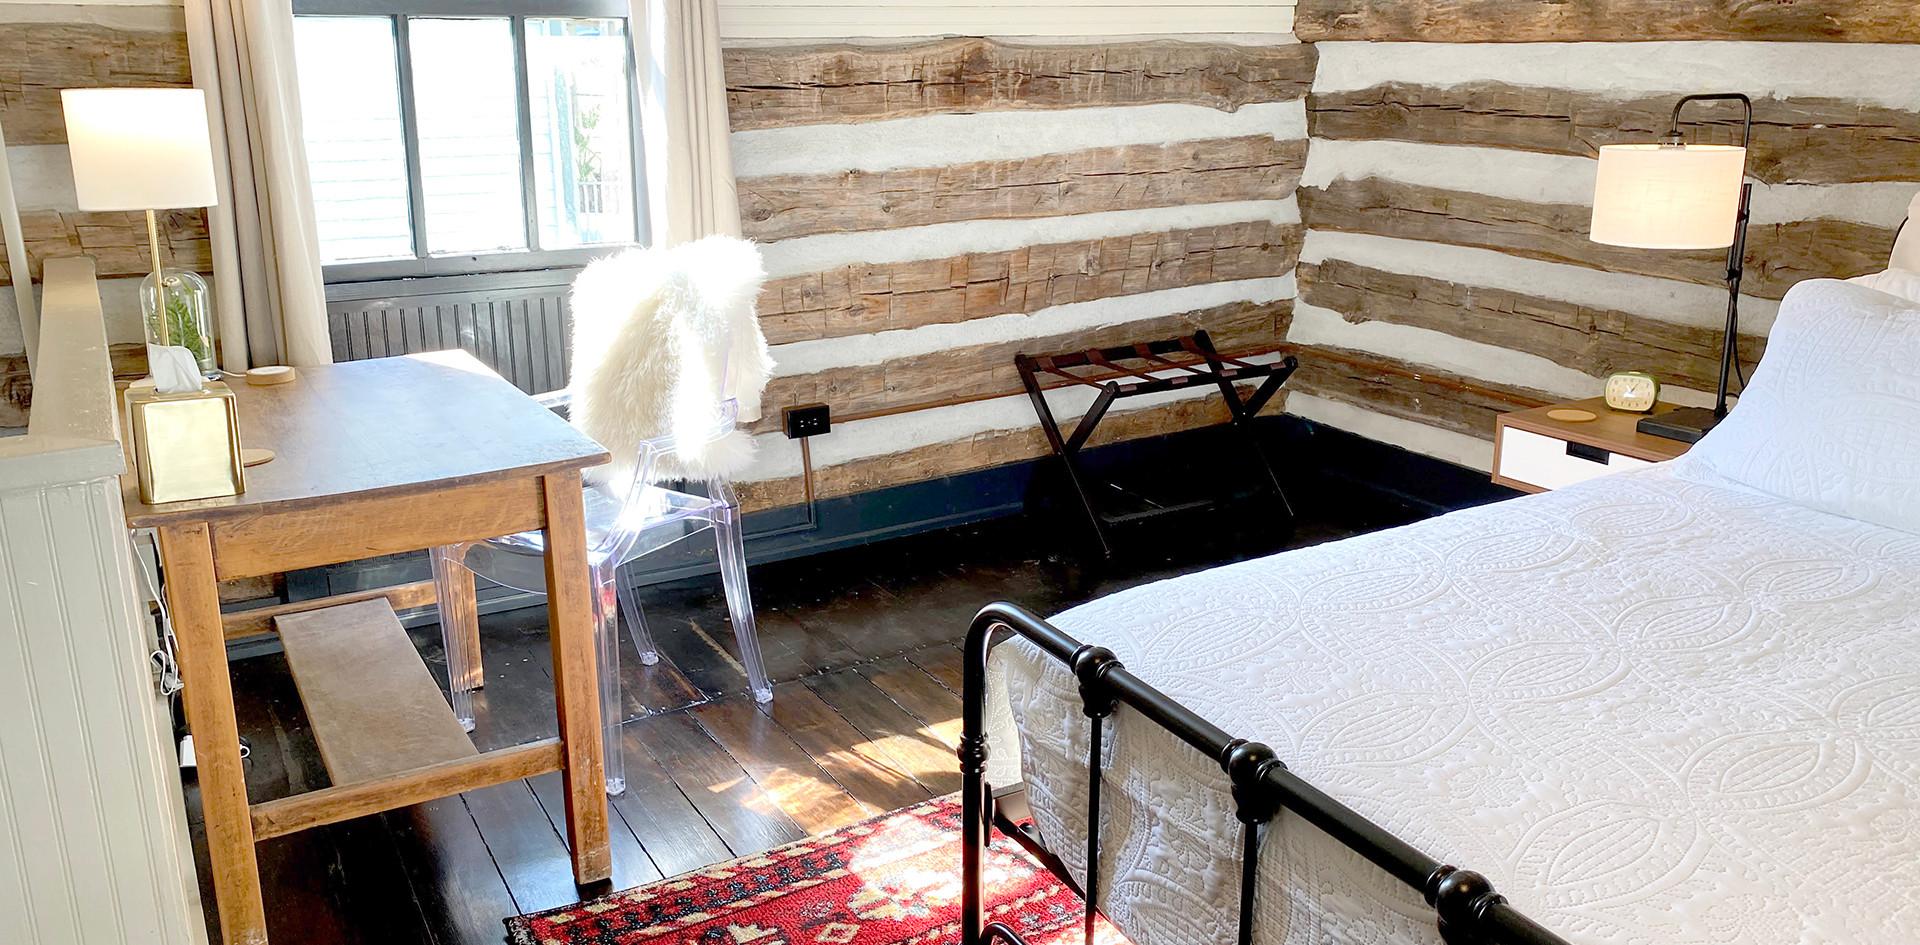 campmillpond_cabin_master bedroom1.jpg